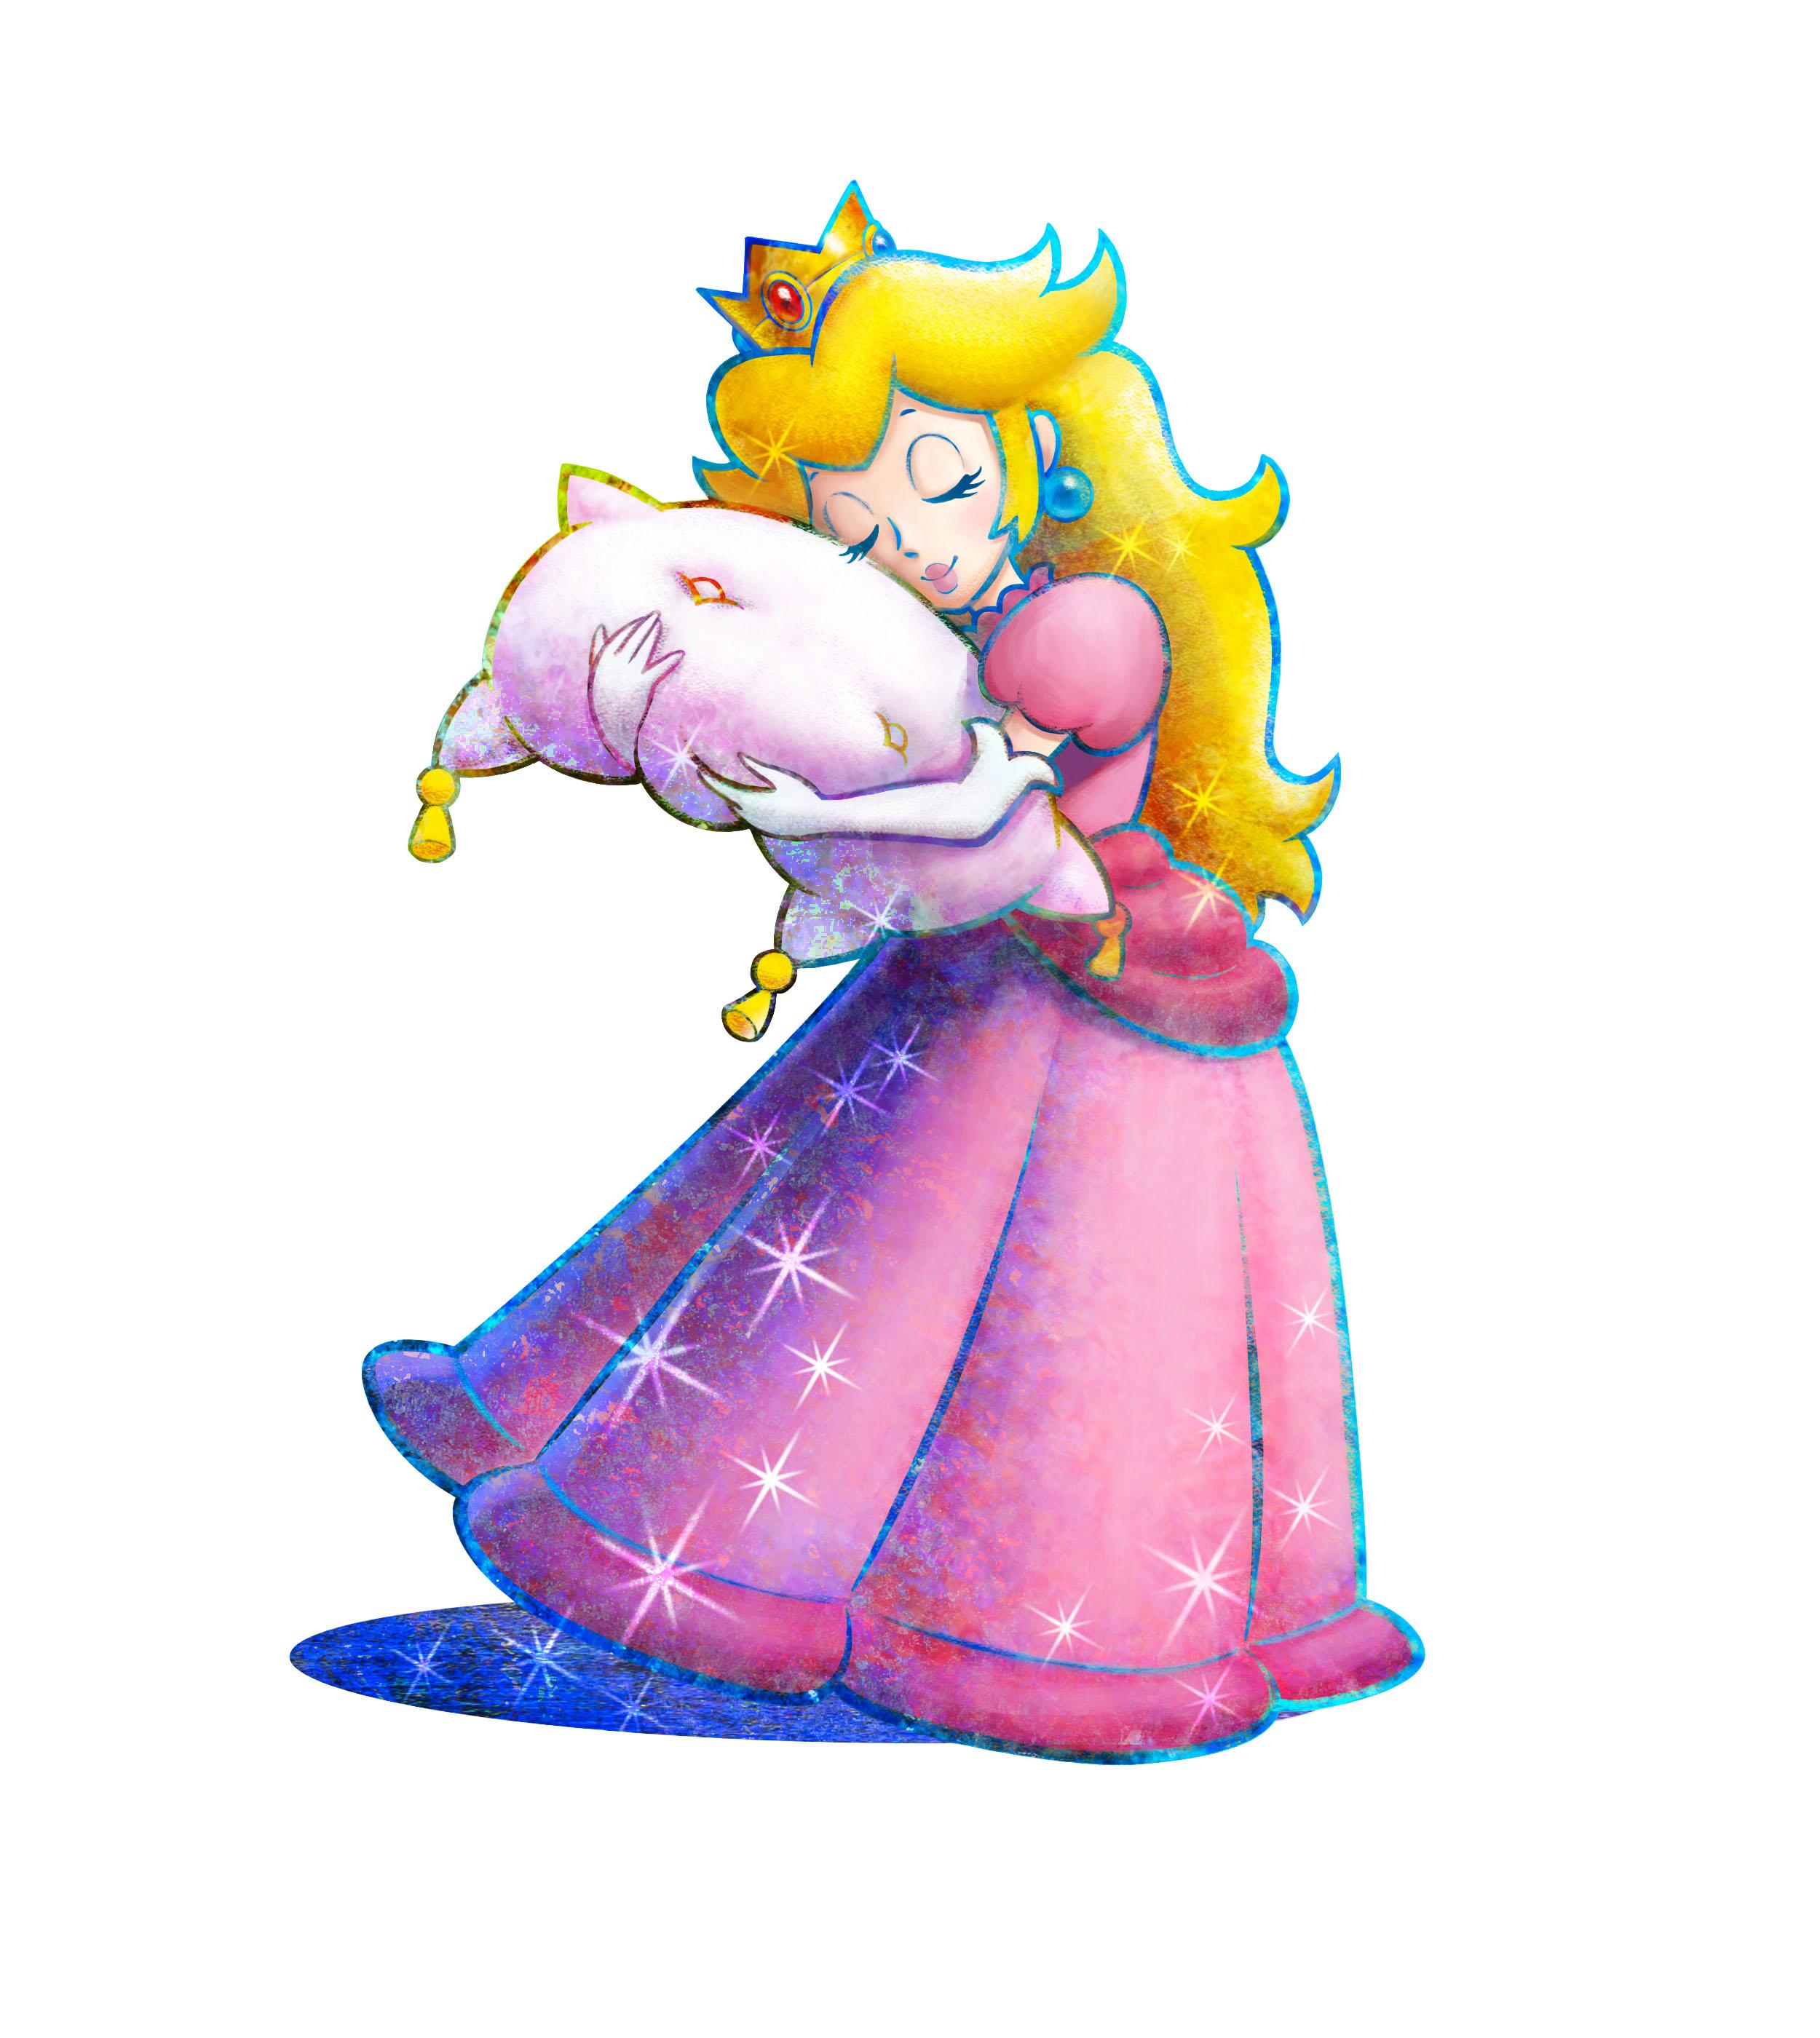 Pillow clipart mario and luigi dream team Reception Mario (Game) Bomb Luigi: